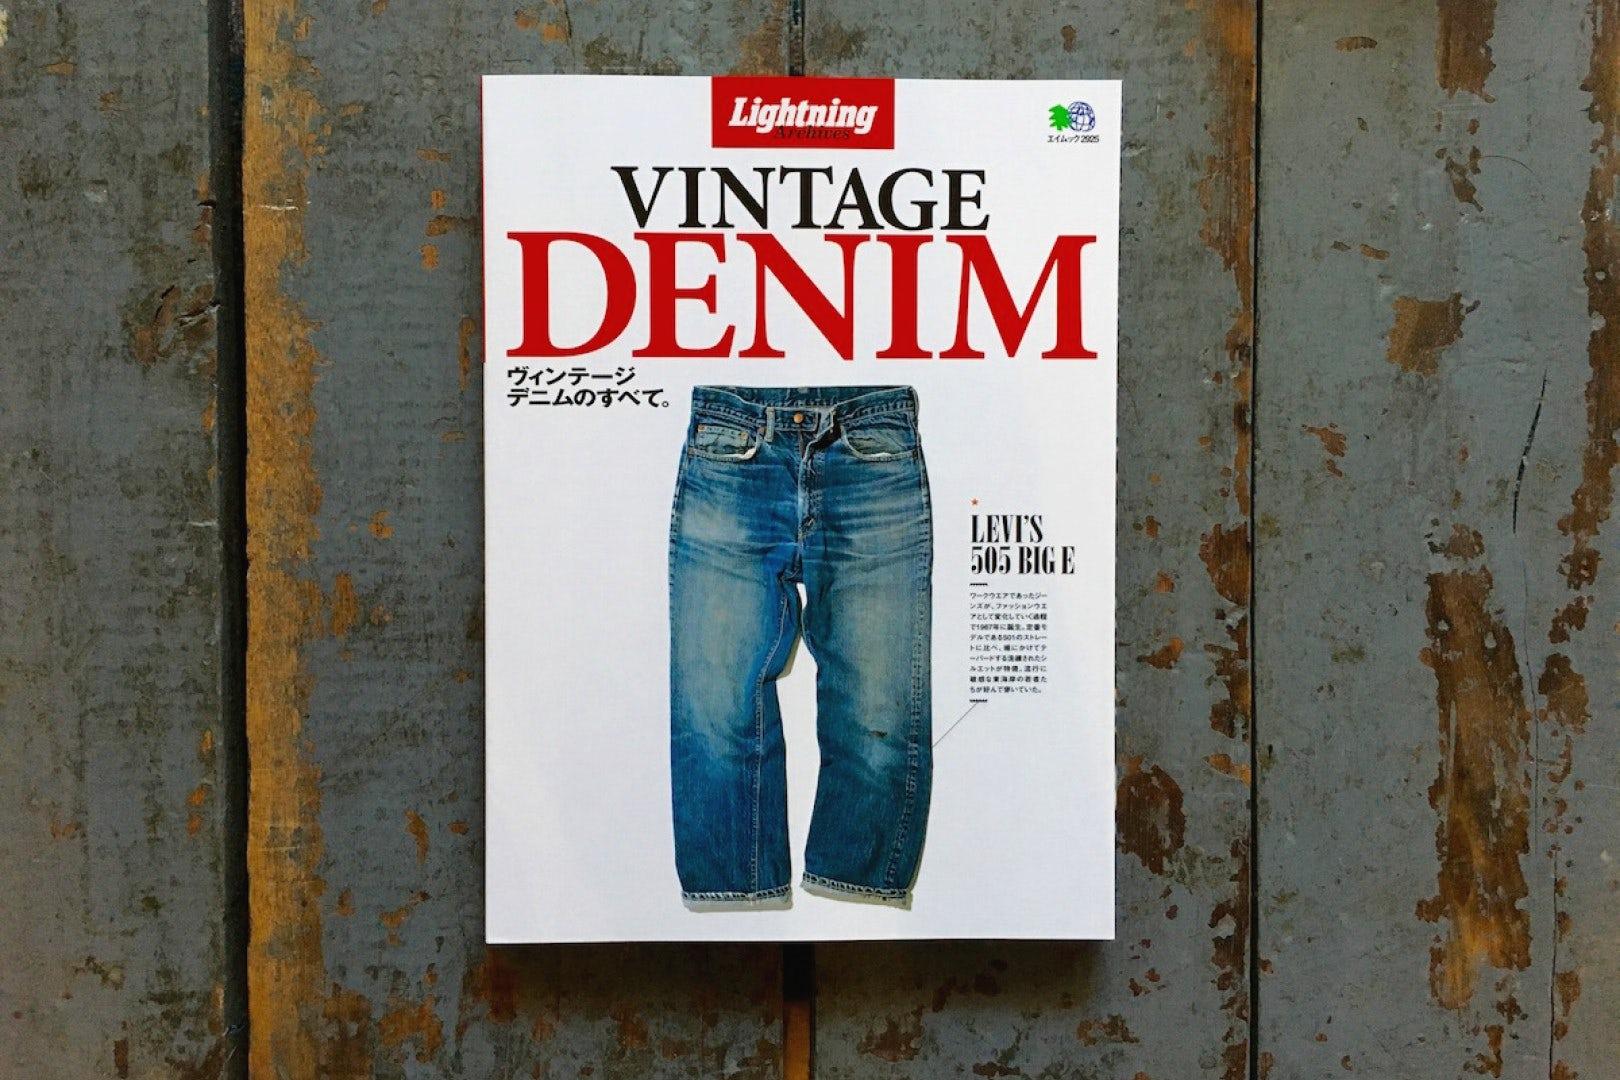 Lightning Vintage Jeans Lightning